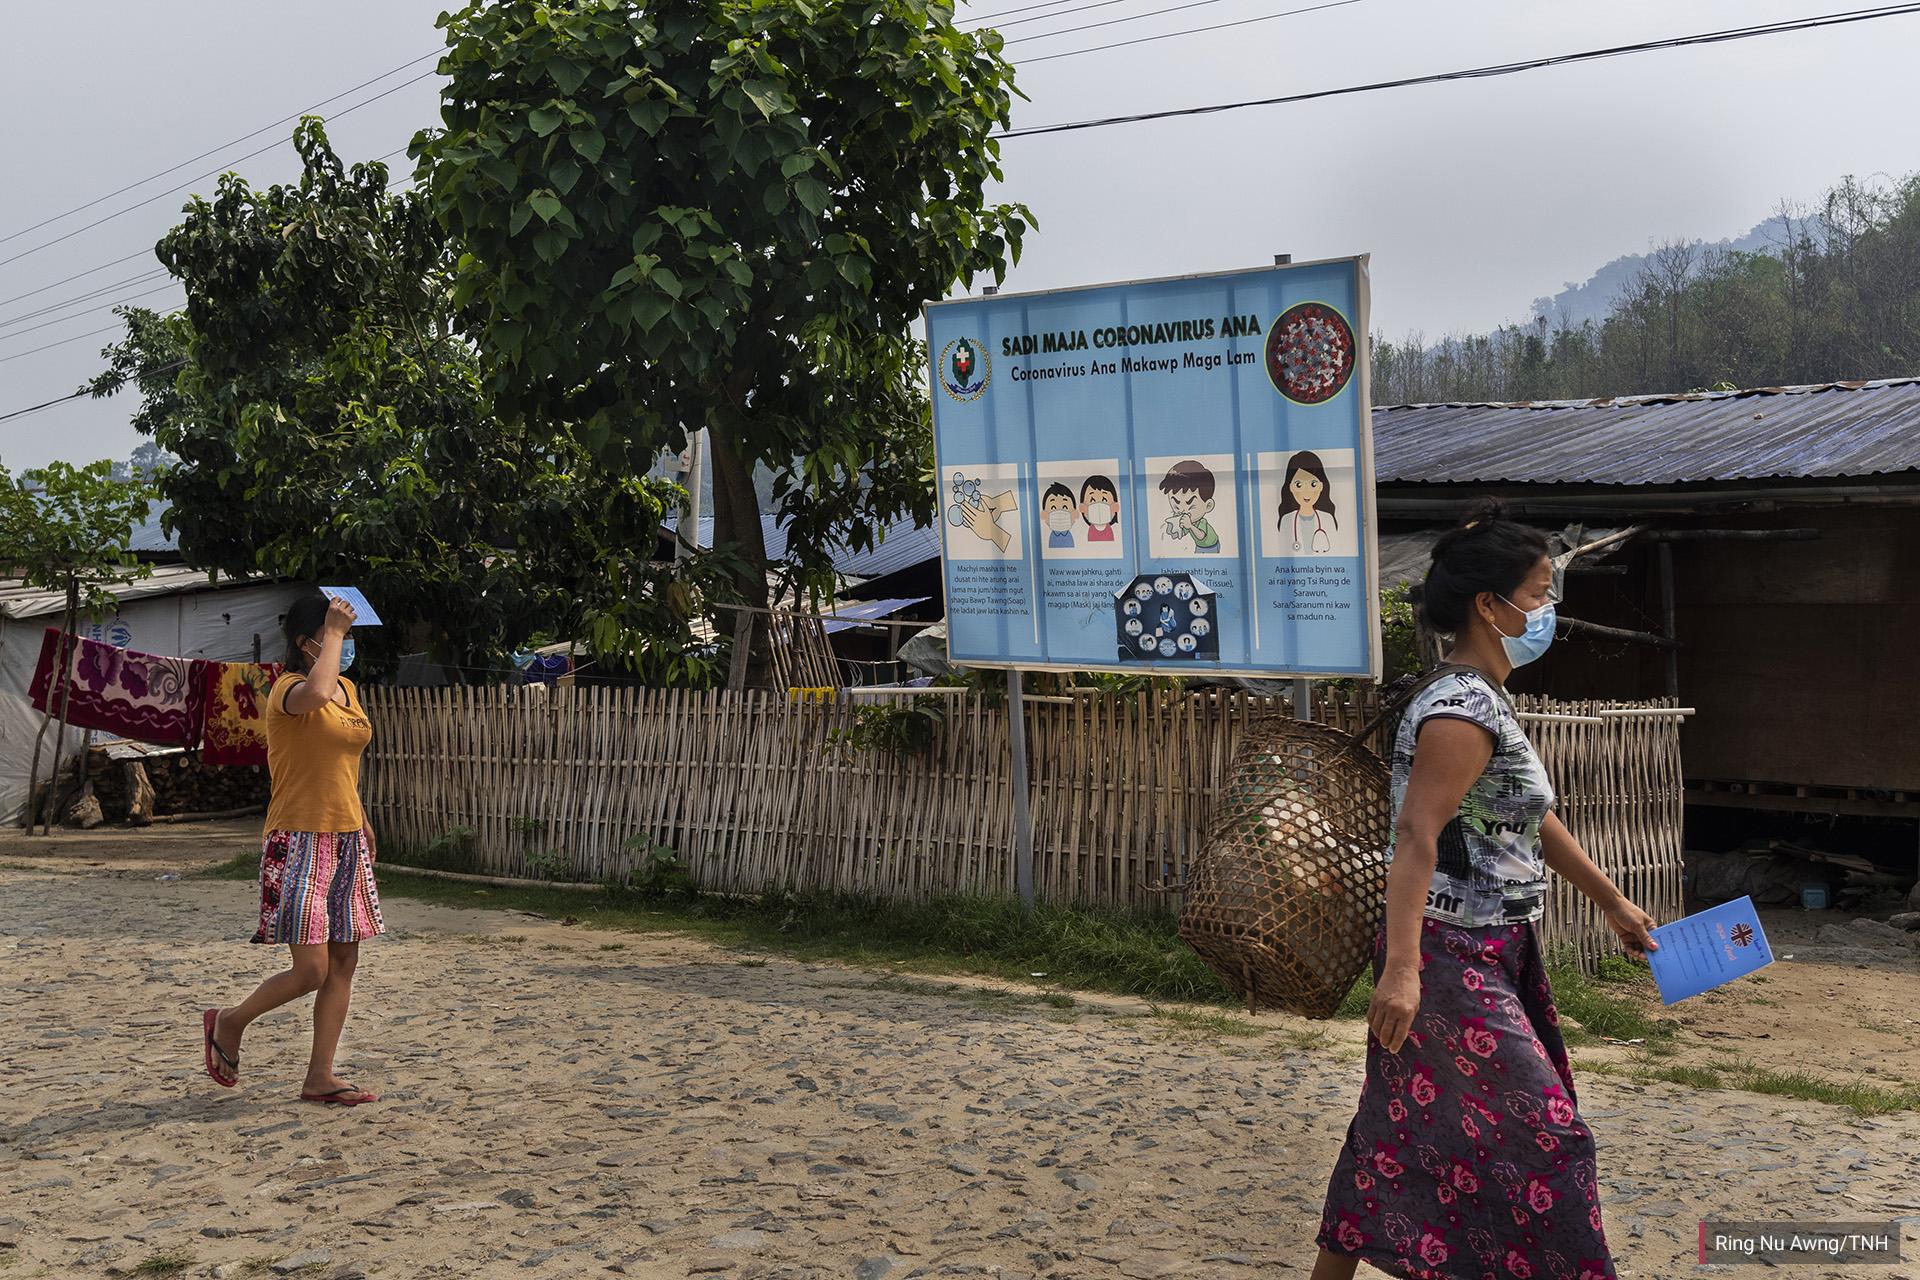 Women walk past a vinyl banner in Jinghpaw